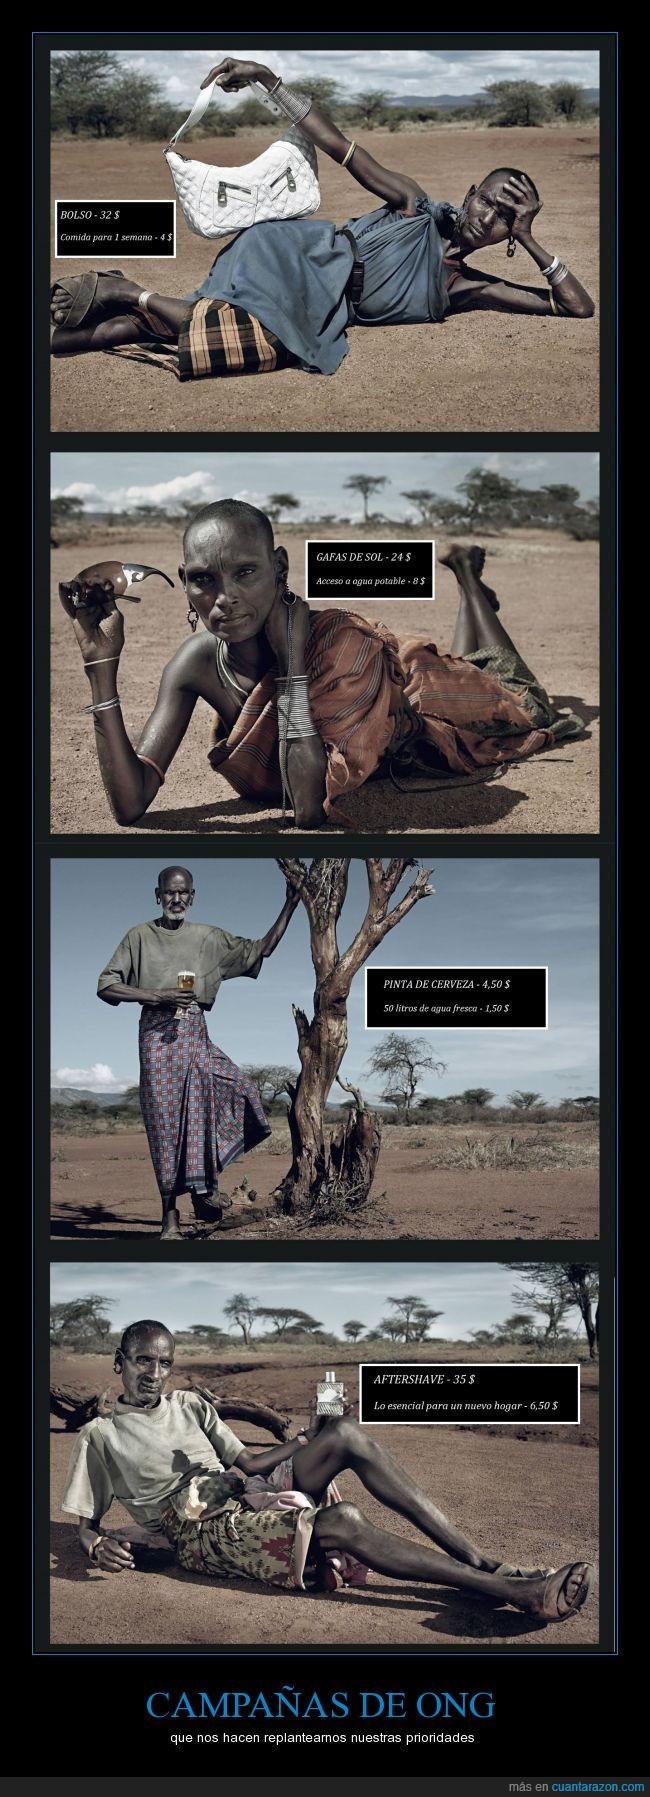 áfrica,agua,anuncio,campaña,comida,dinero,ong,pobreza